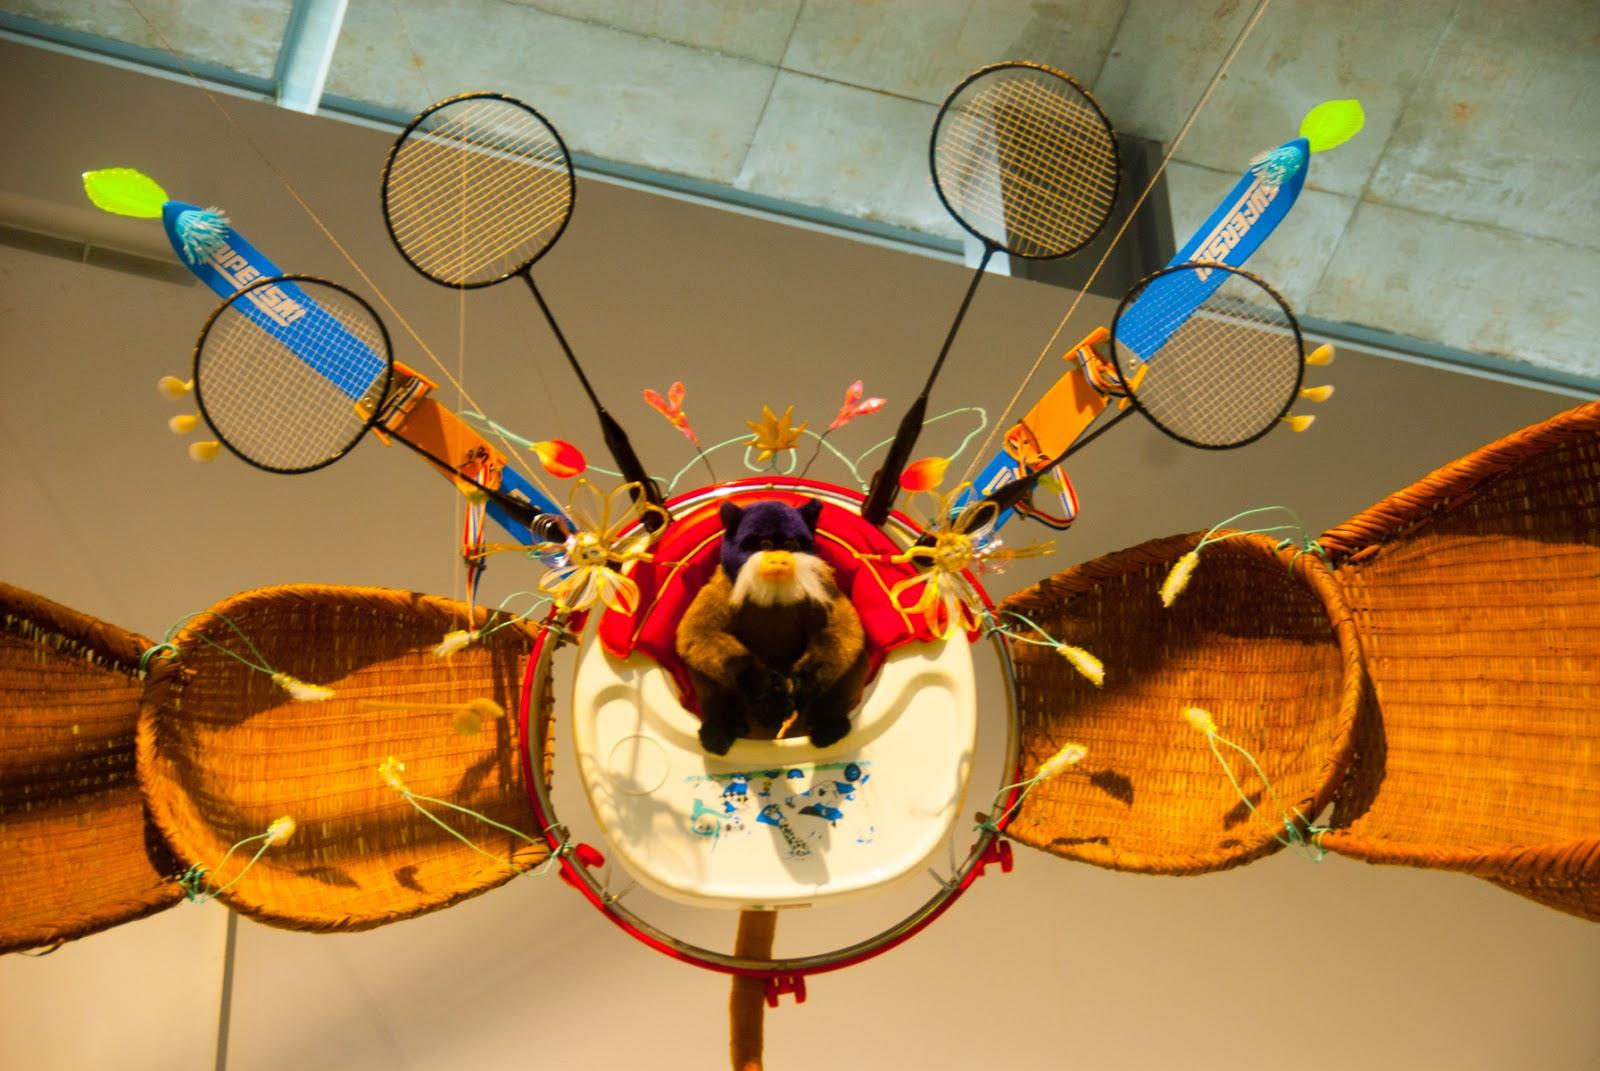 越後妻有里山現代美術館 キナーレ 展示 バドミントン ラケット